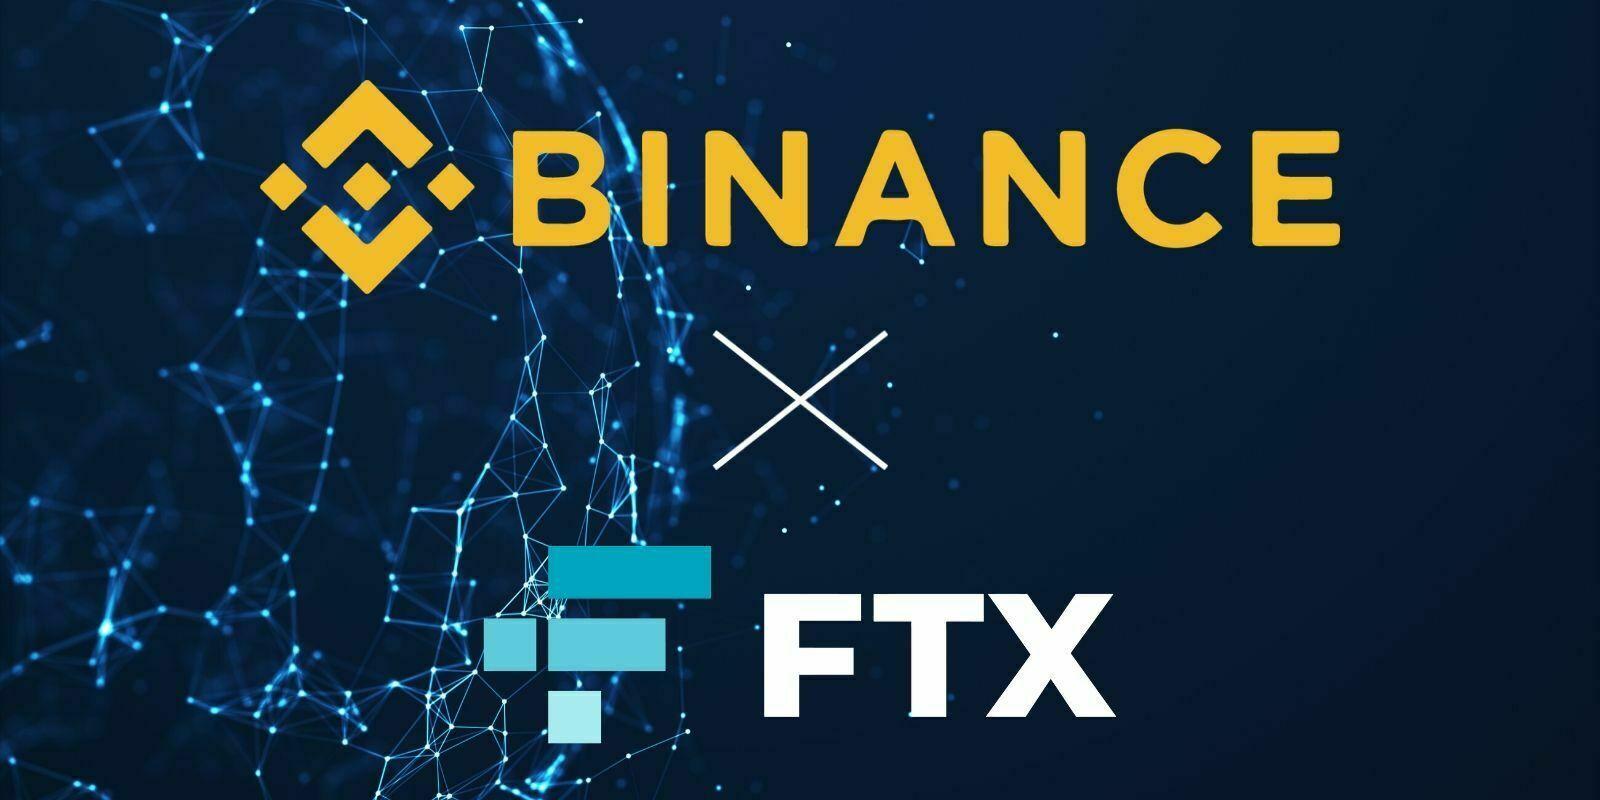 Binance investit dans FTX, un exchange de produits dérivés sur cryptomonnaies